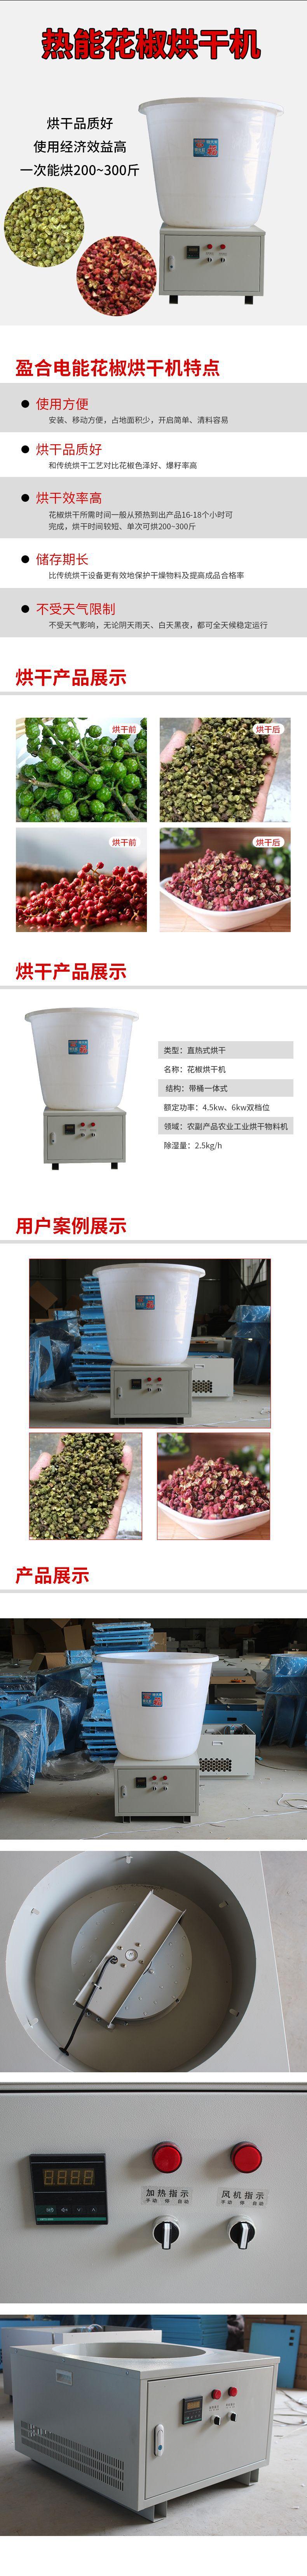 全自动电能花椒烘干机大桶式家用药材烘干机